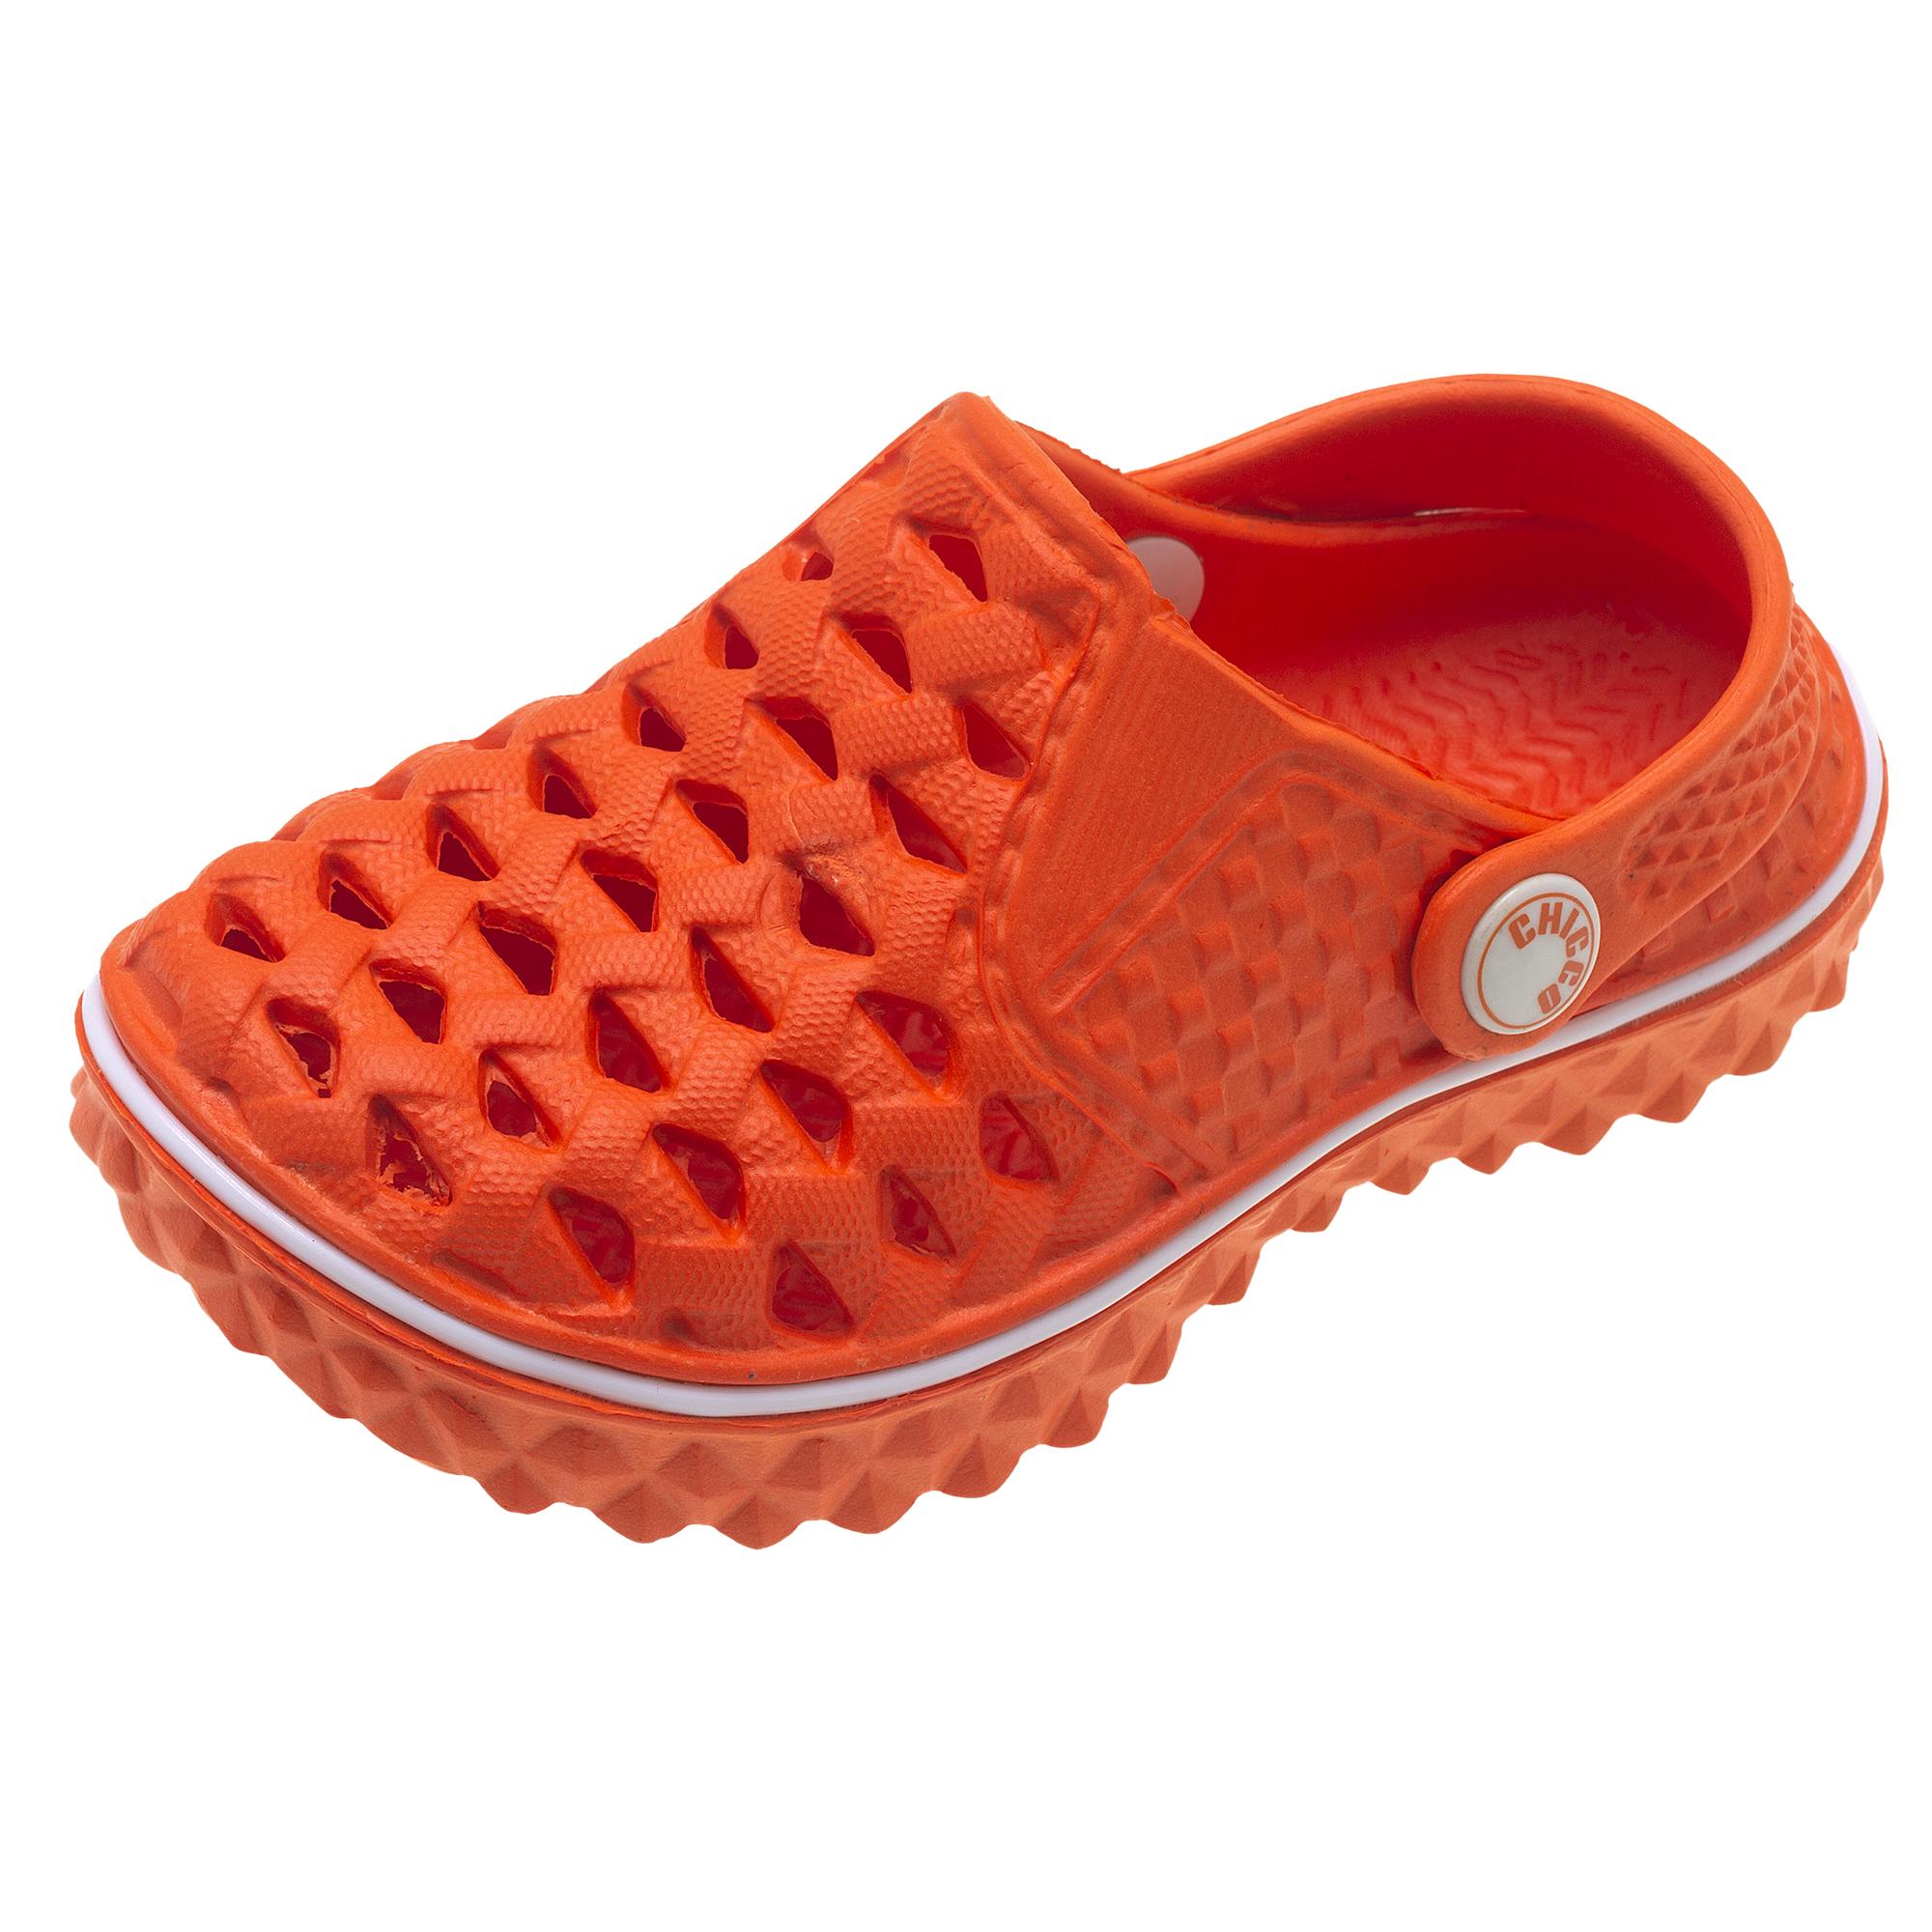 Papuci De Plaja Pentru Copii Chicco Mango, Portocaliu, 61751 imagine